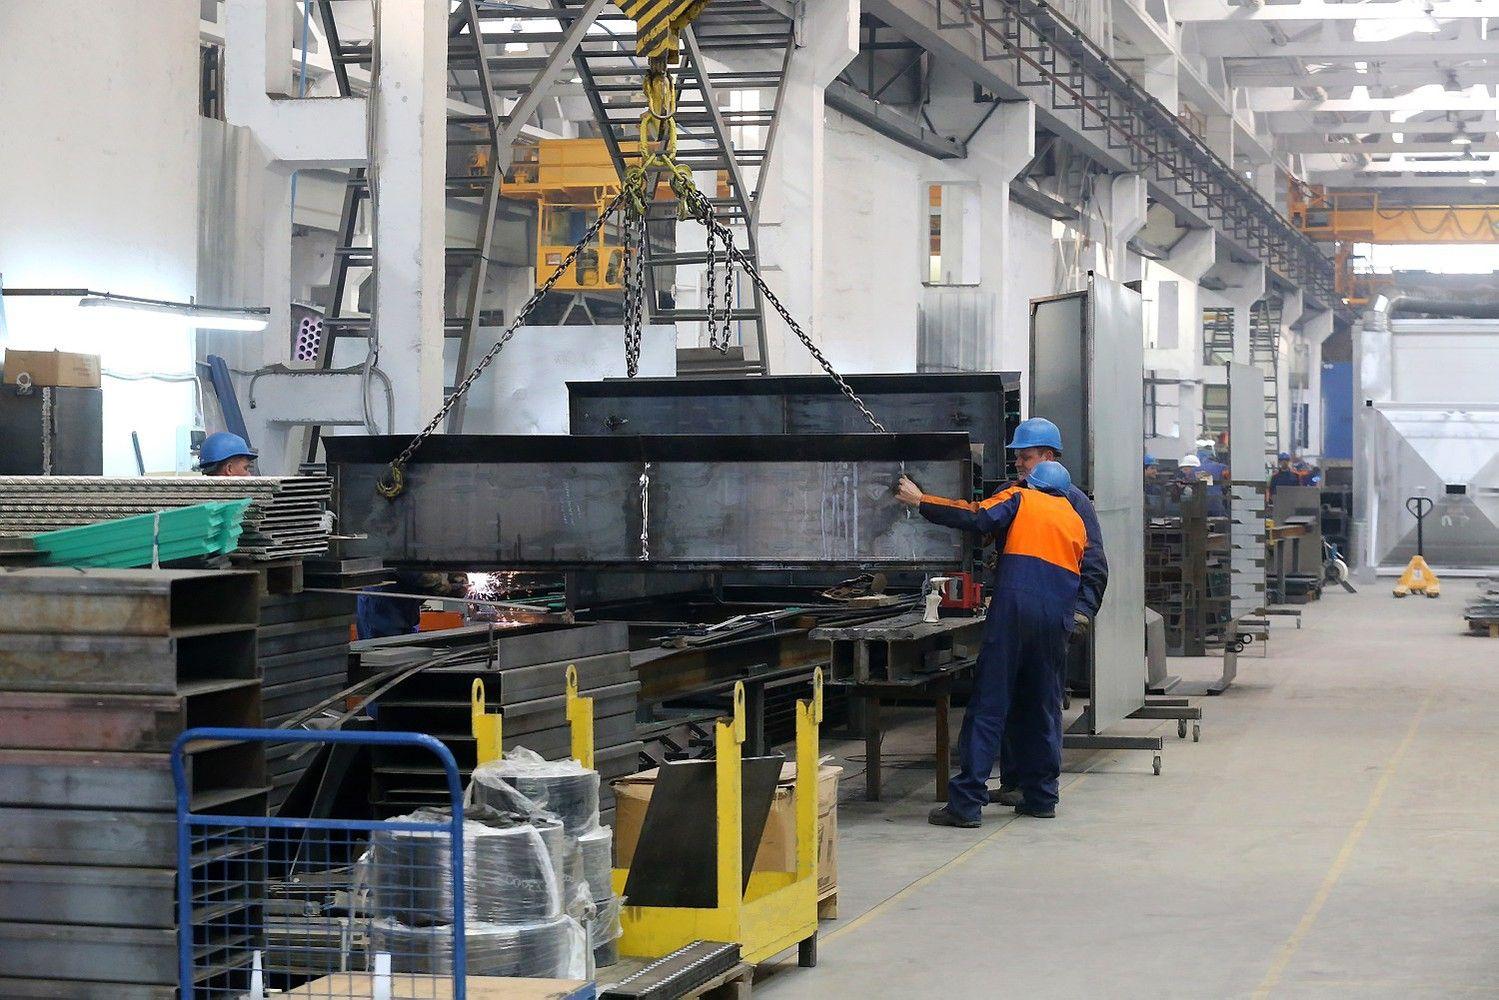 Kokius atlyginimus moka didžiausios pramonės įmonės Lietuvoje